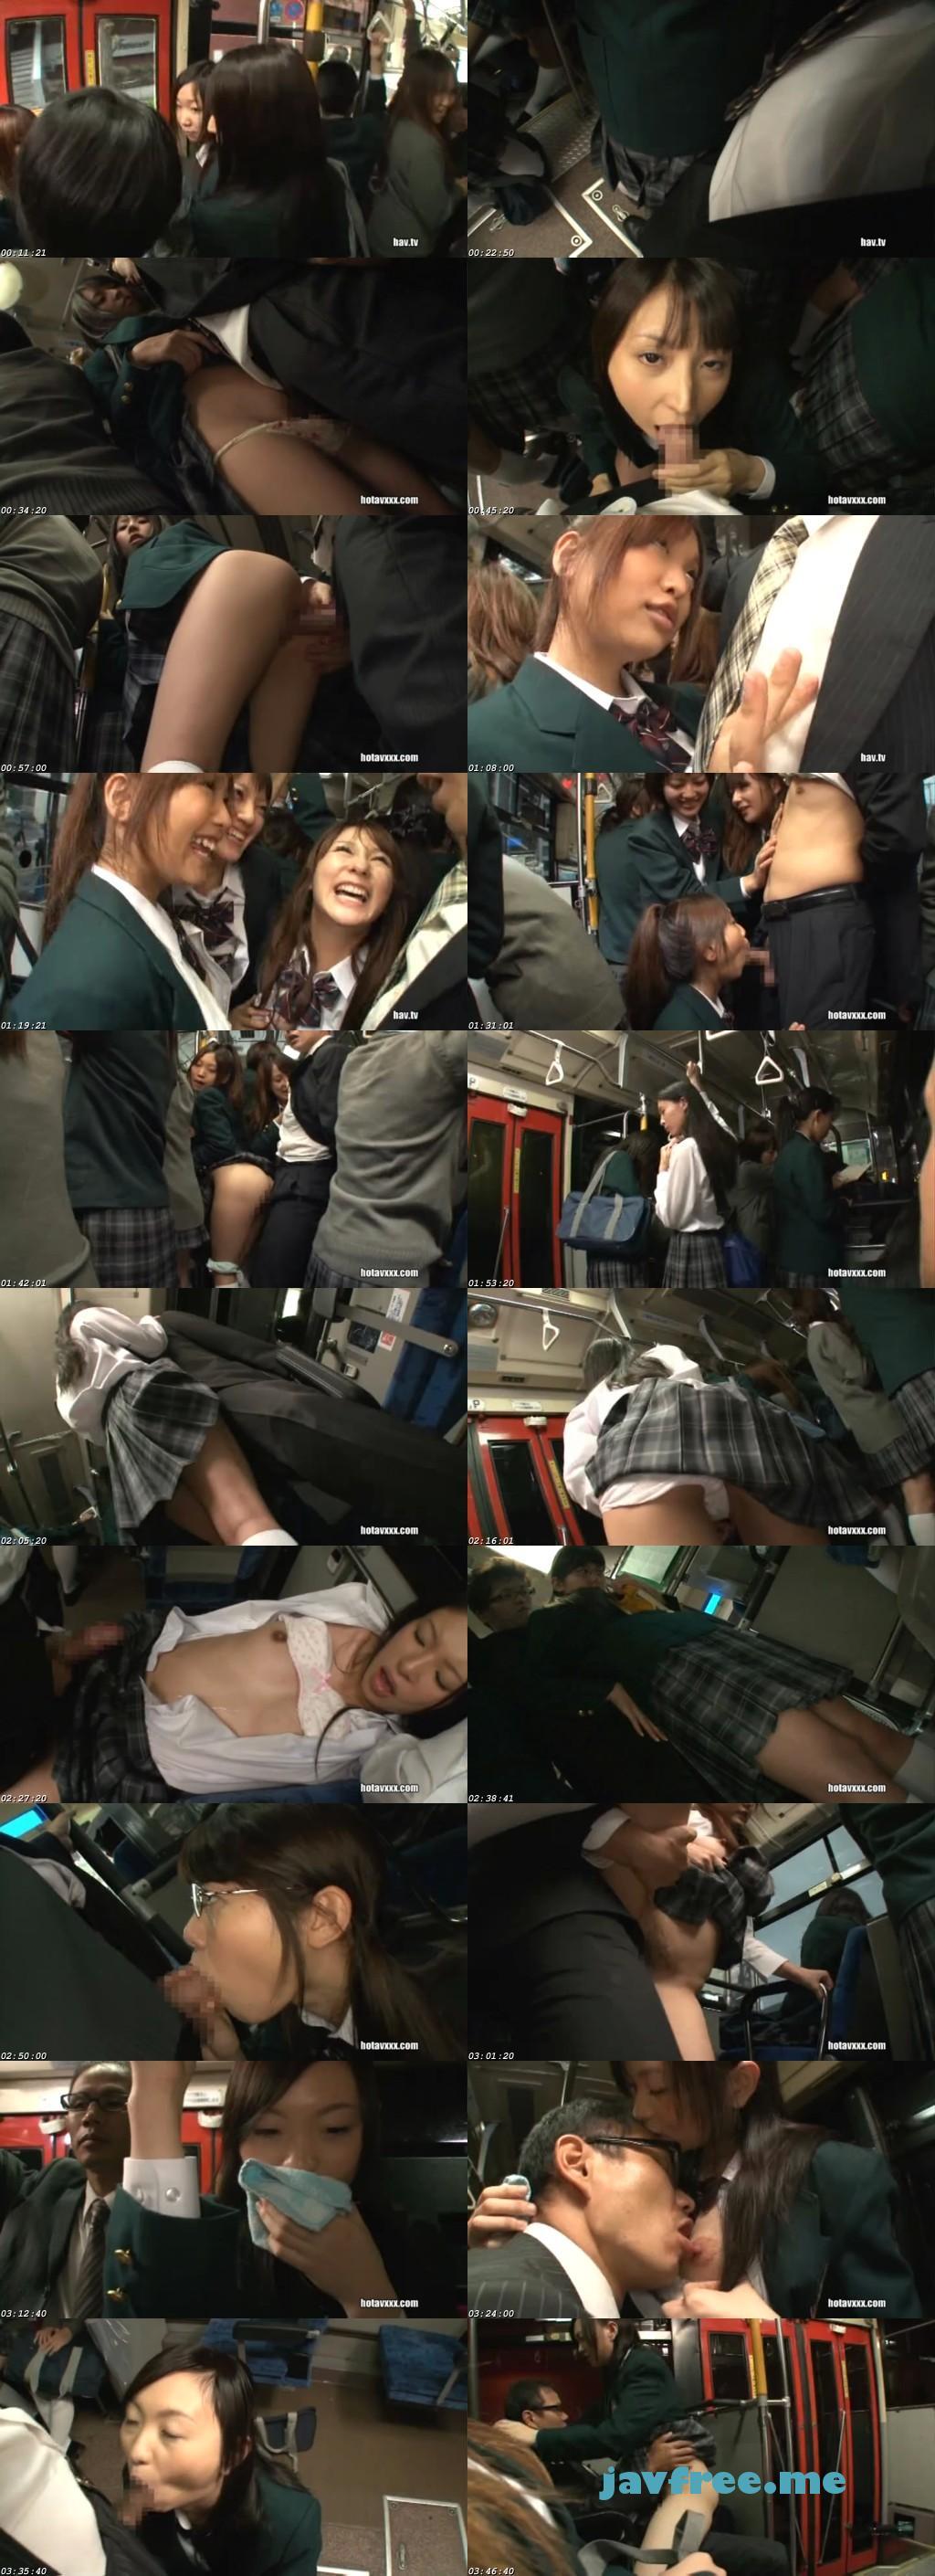 [DANDY 314] 「新・間違えたフリして女子校通学バスに乗り込んでヤられた」 VOL.4 DANDY